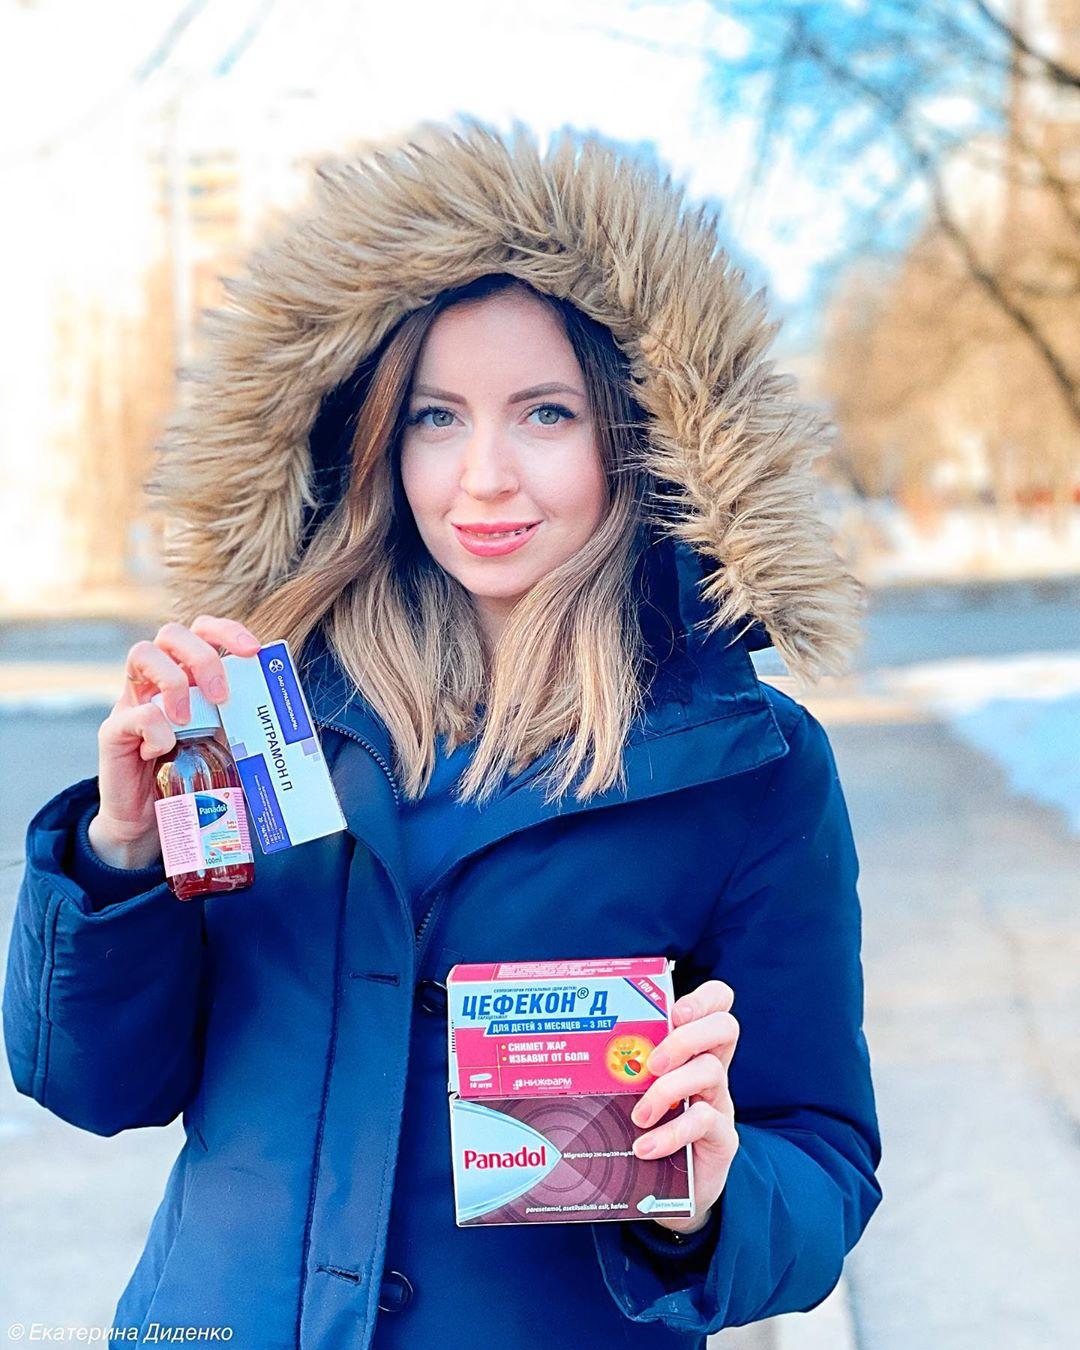 """Екатерина имеет красный диплом по специальности """"Фармацевтика"""", о чем она сообщала своим подписчикам"""